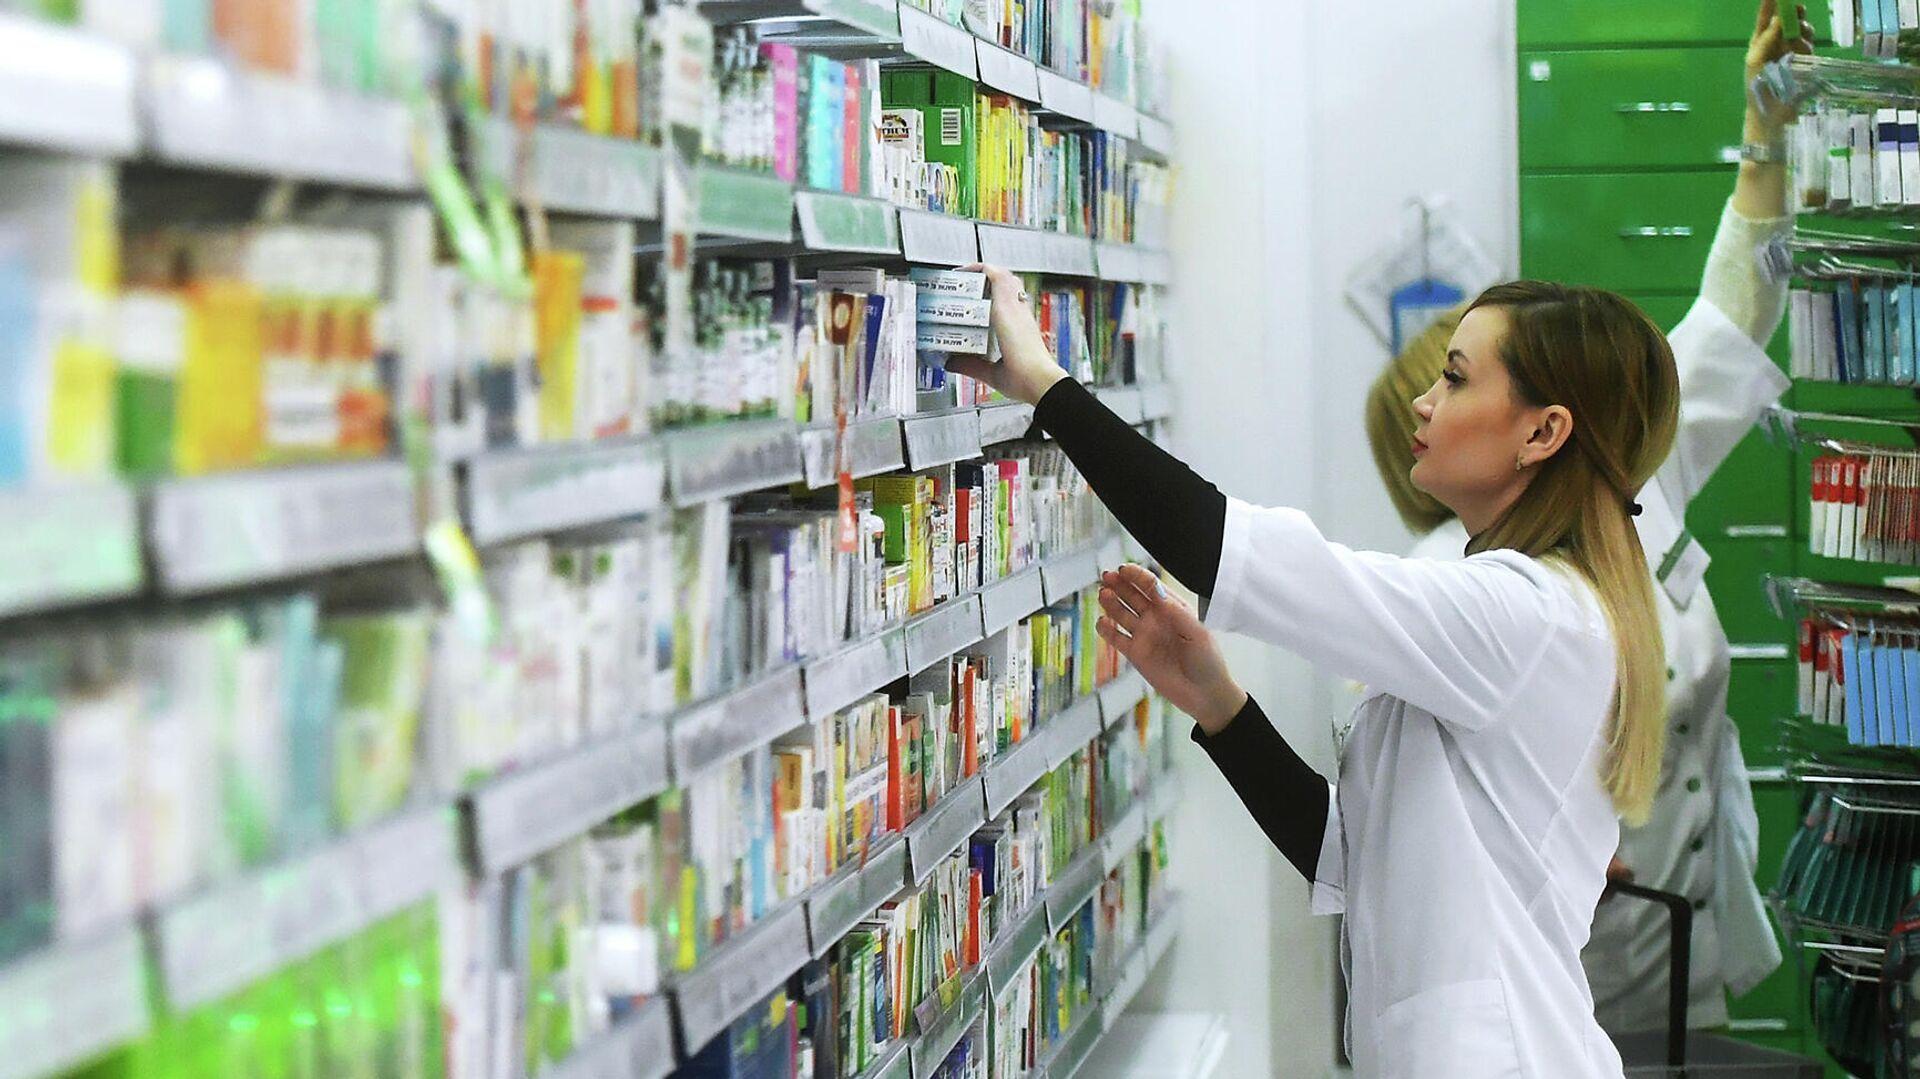 Фармацевт раскладывает лекарственные препараты в аптеке - РИА Новости, 1920, 13.07.2021